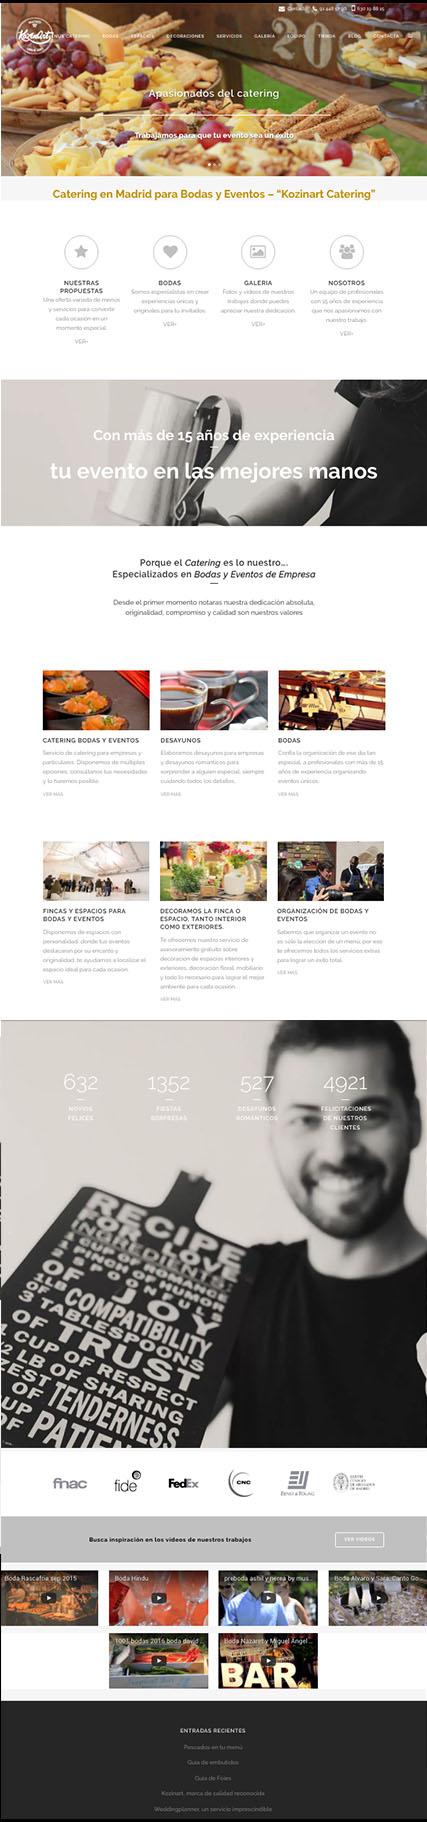 Portafolio Aclararte Comercio electrónico en WordPress. Tienda Cooking de Menaje del hogar